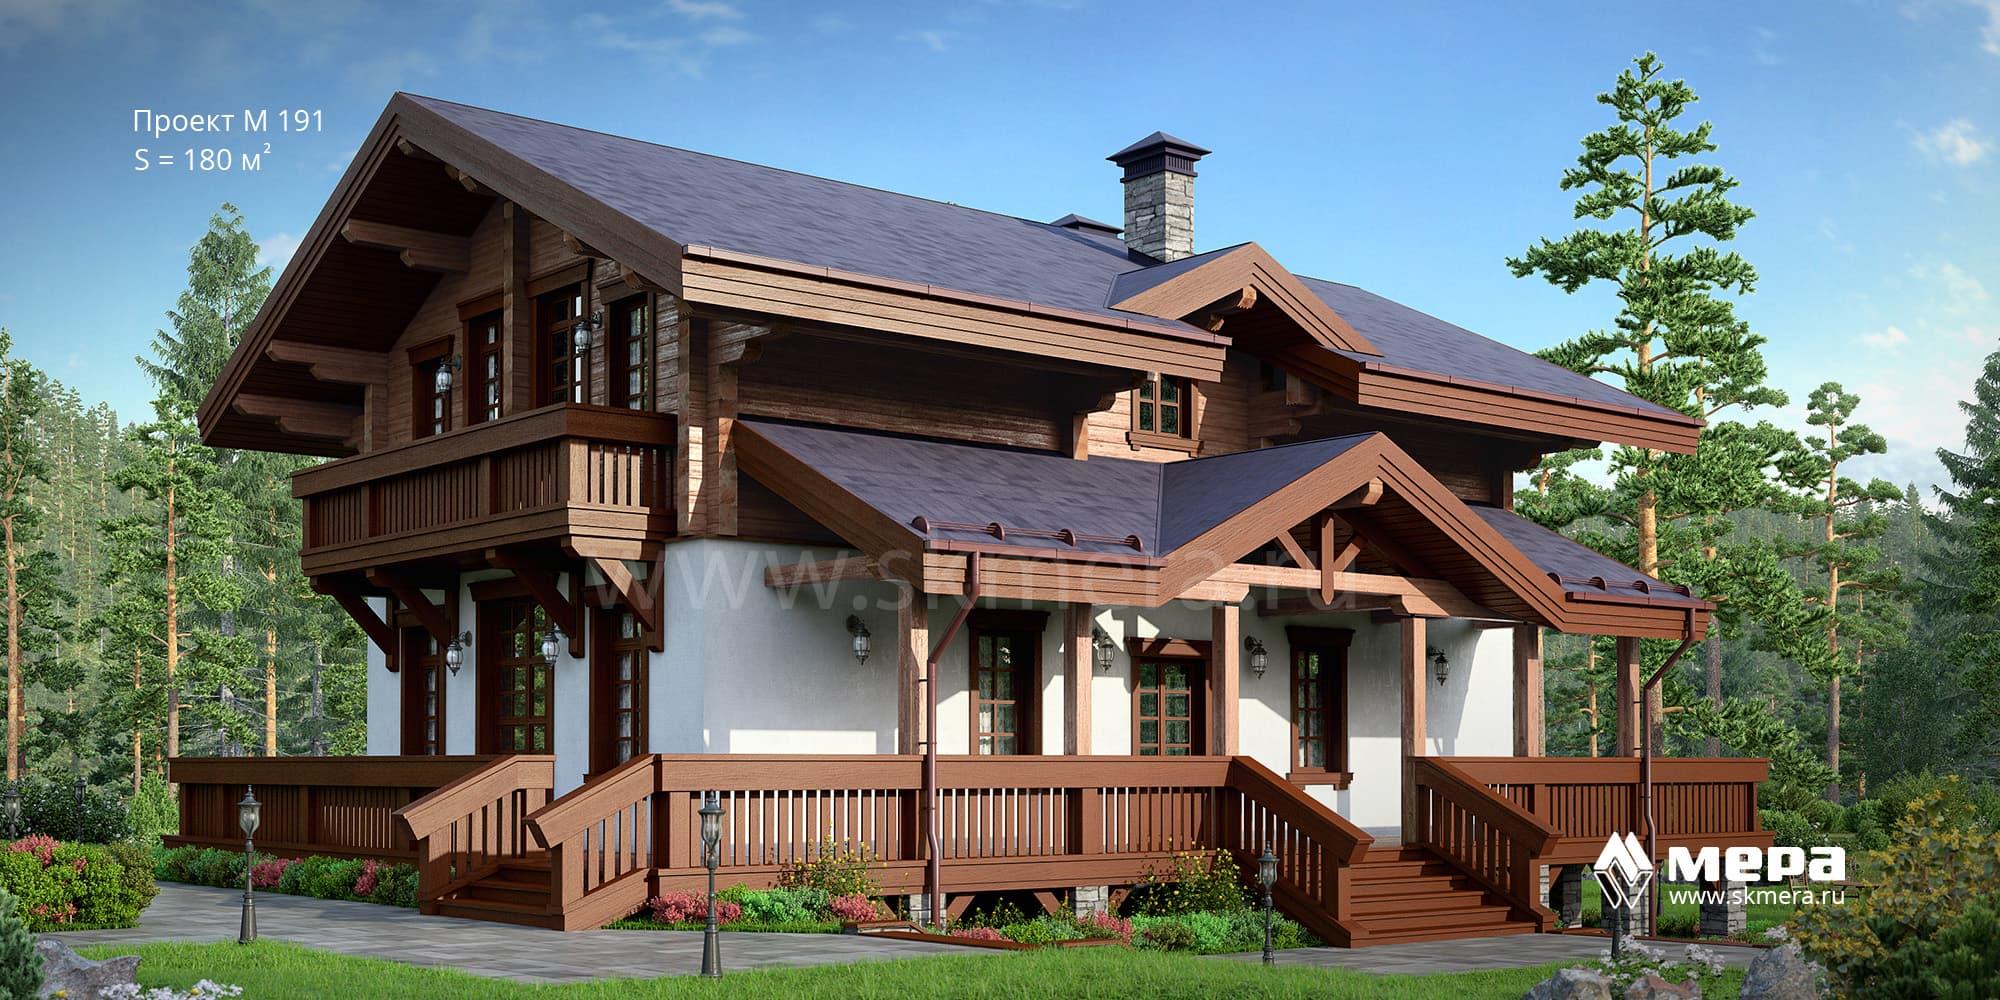 Комбинированный дом по проекту М191